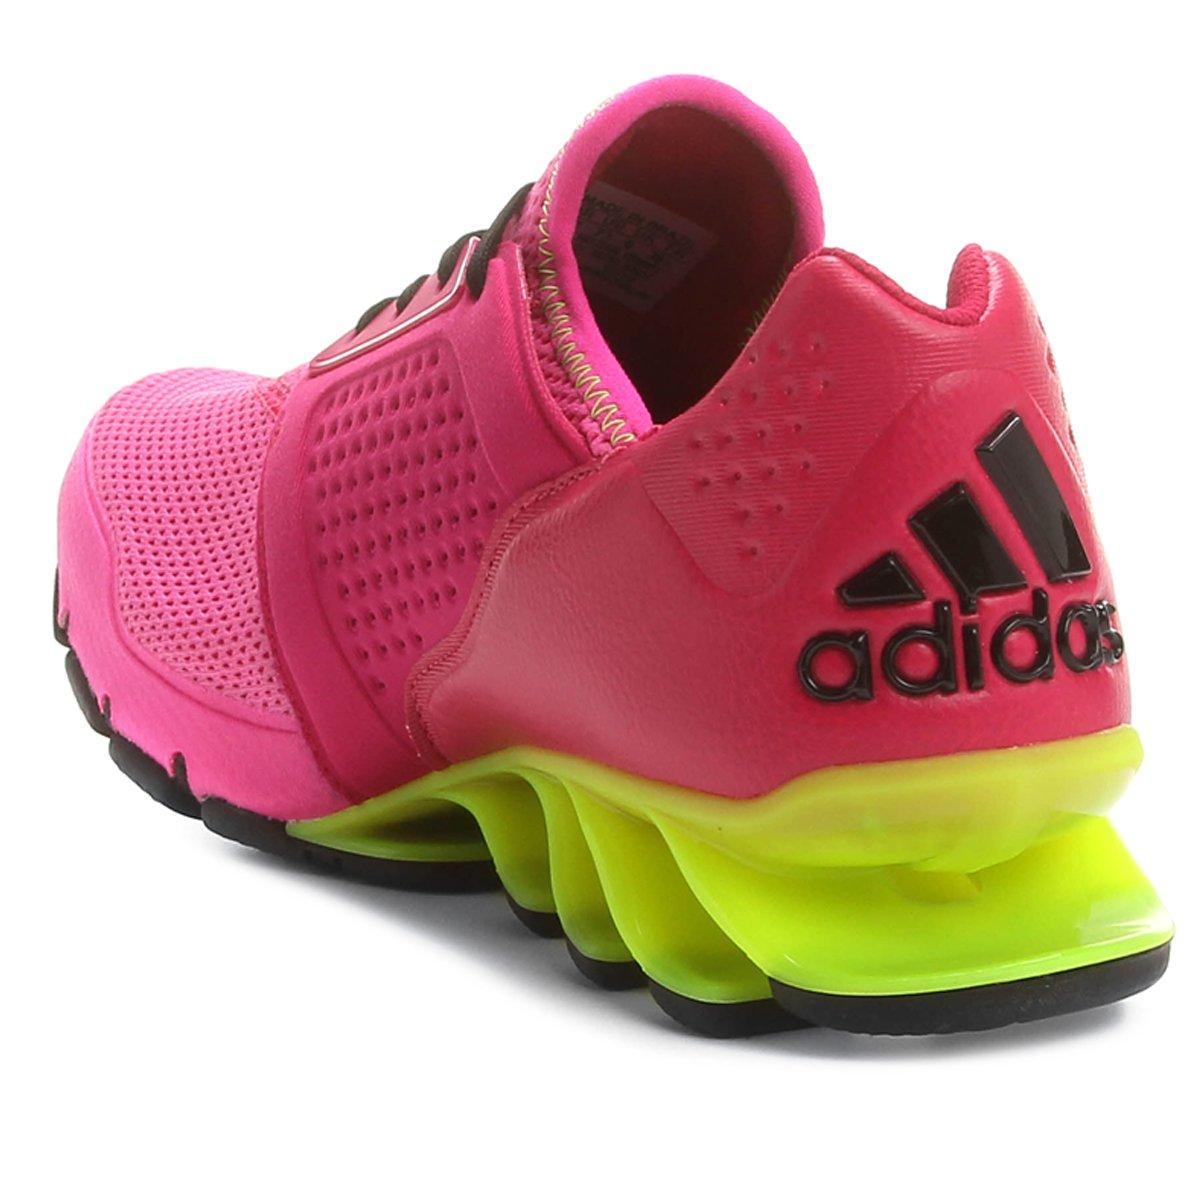 grande vente ccc77 53df7 italy adidas springblade pink com verde 25b5f 387cf